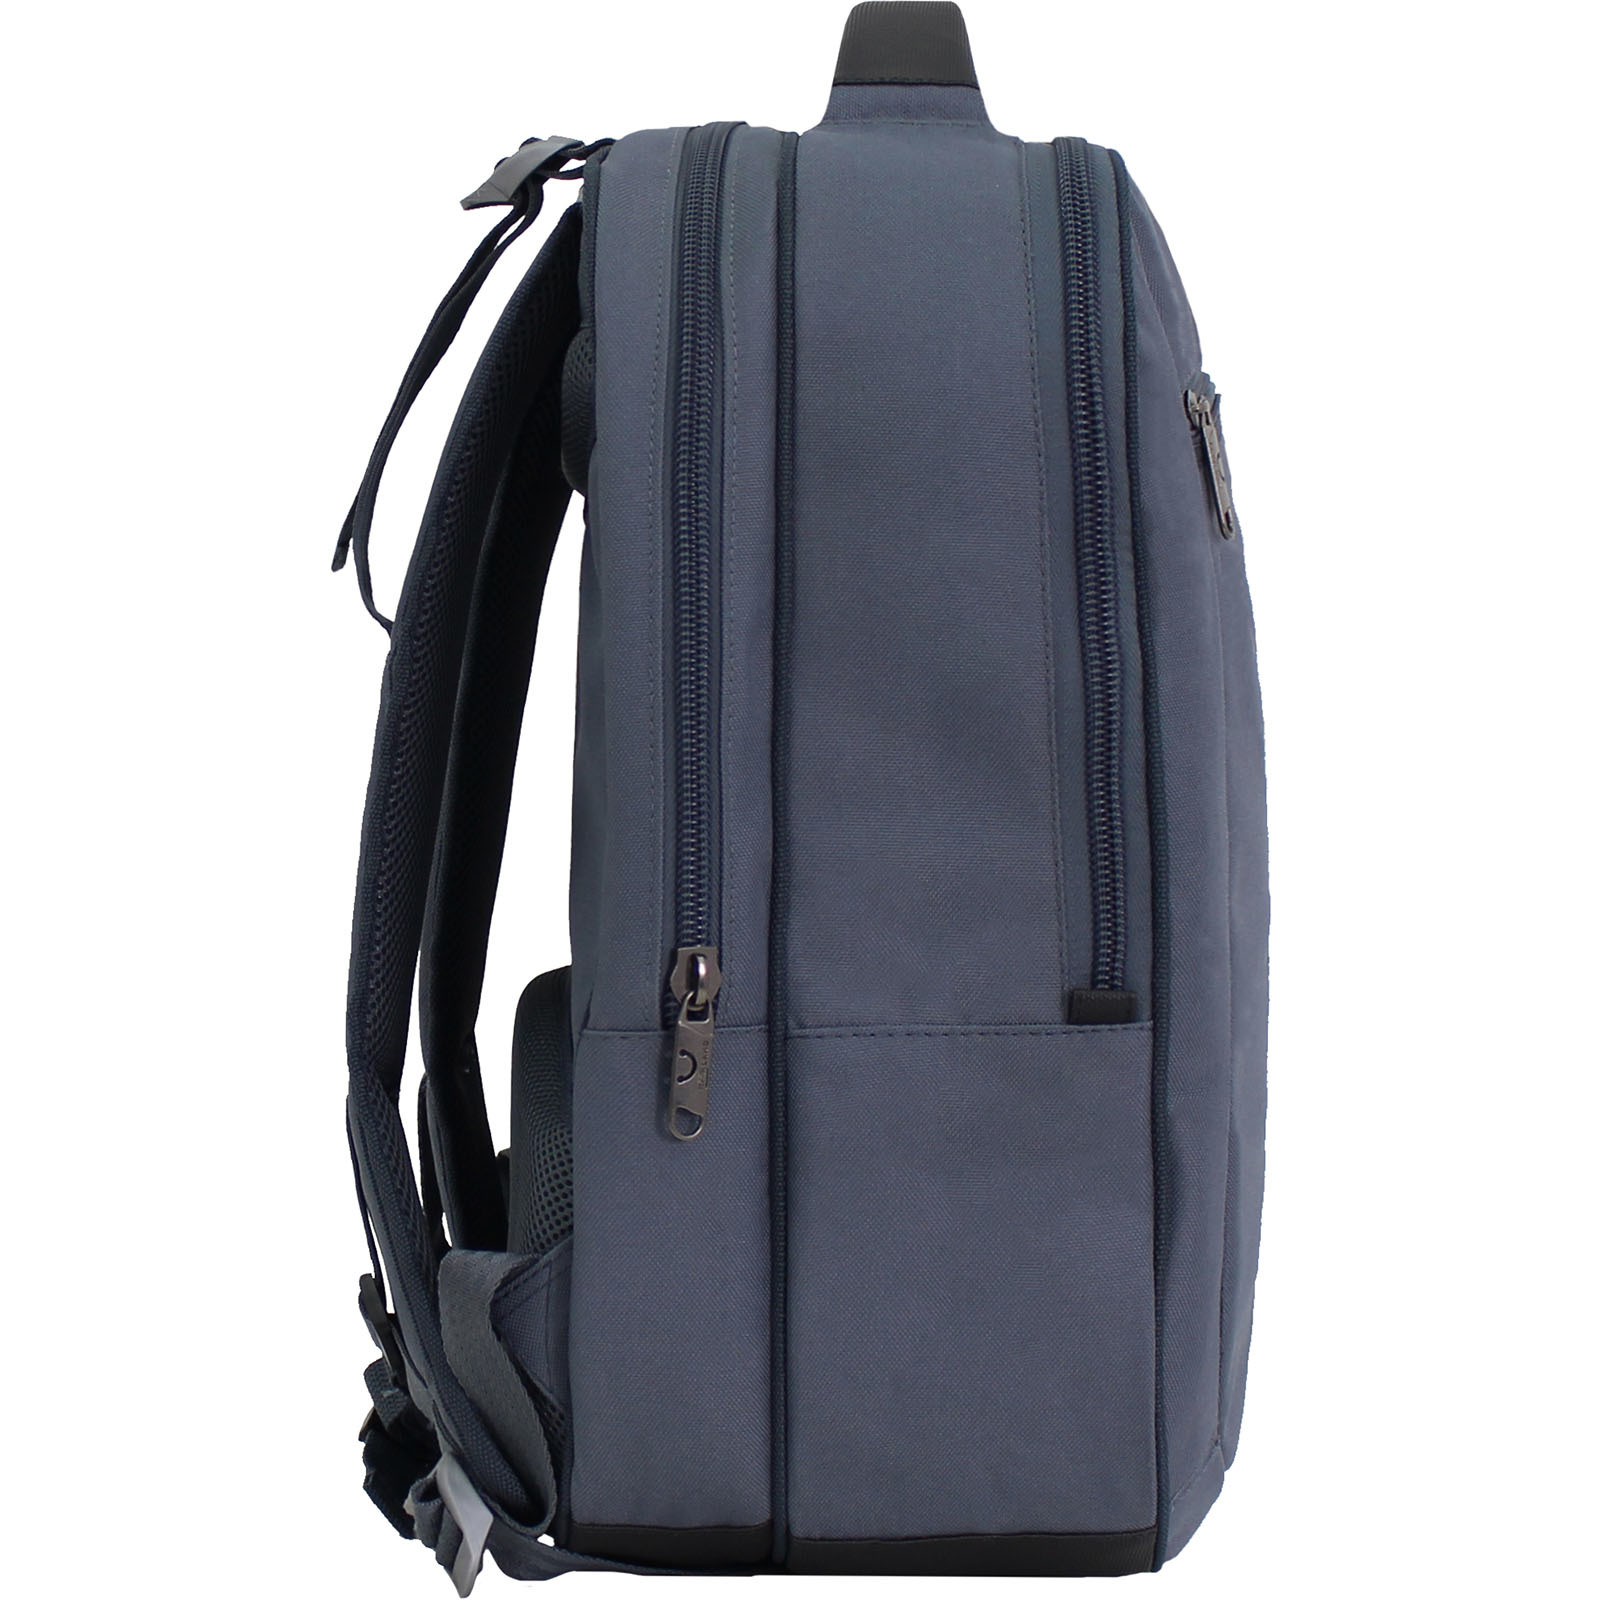 Рюкзак для ноутбука Bagland Рюкзак под ноутбук 536 22 л. Темно серый (0053666) фото 2